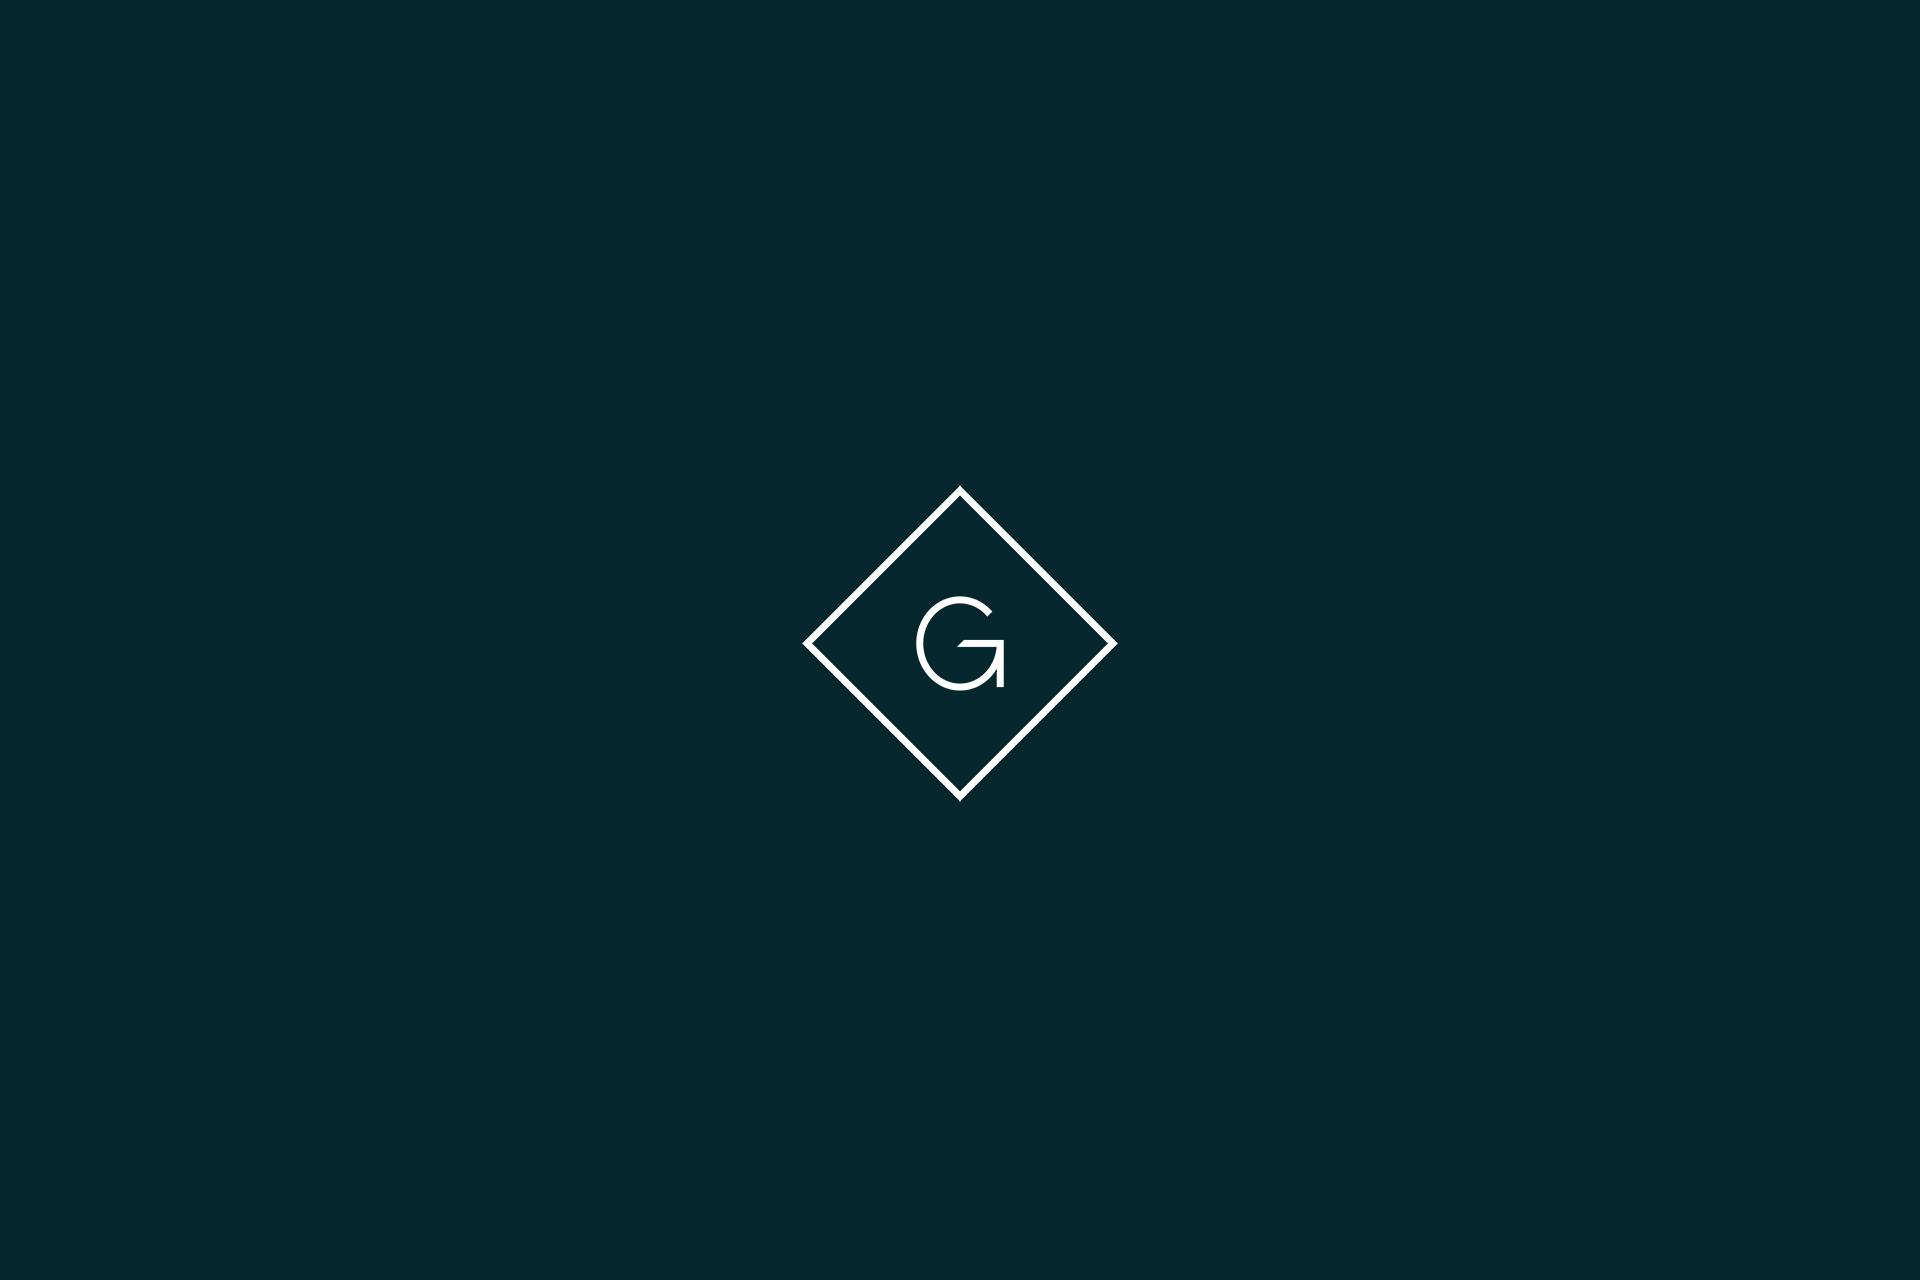 Studio tkd - Gentleberg Shoes2.jpg